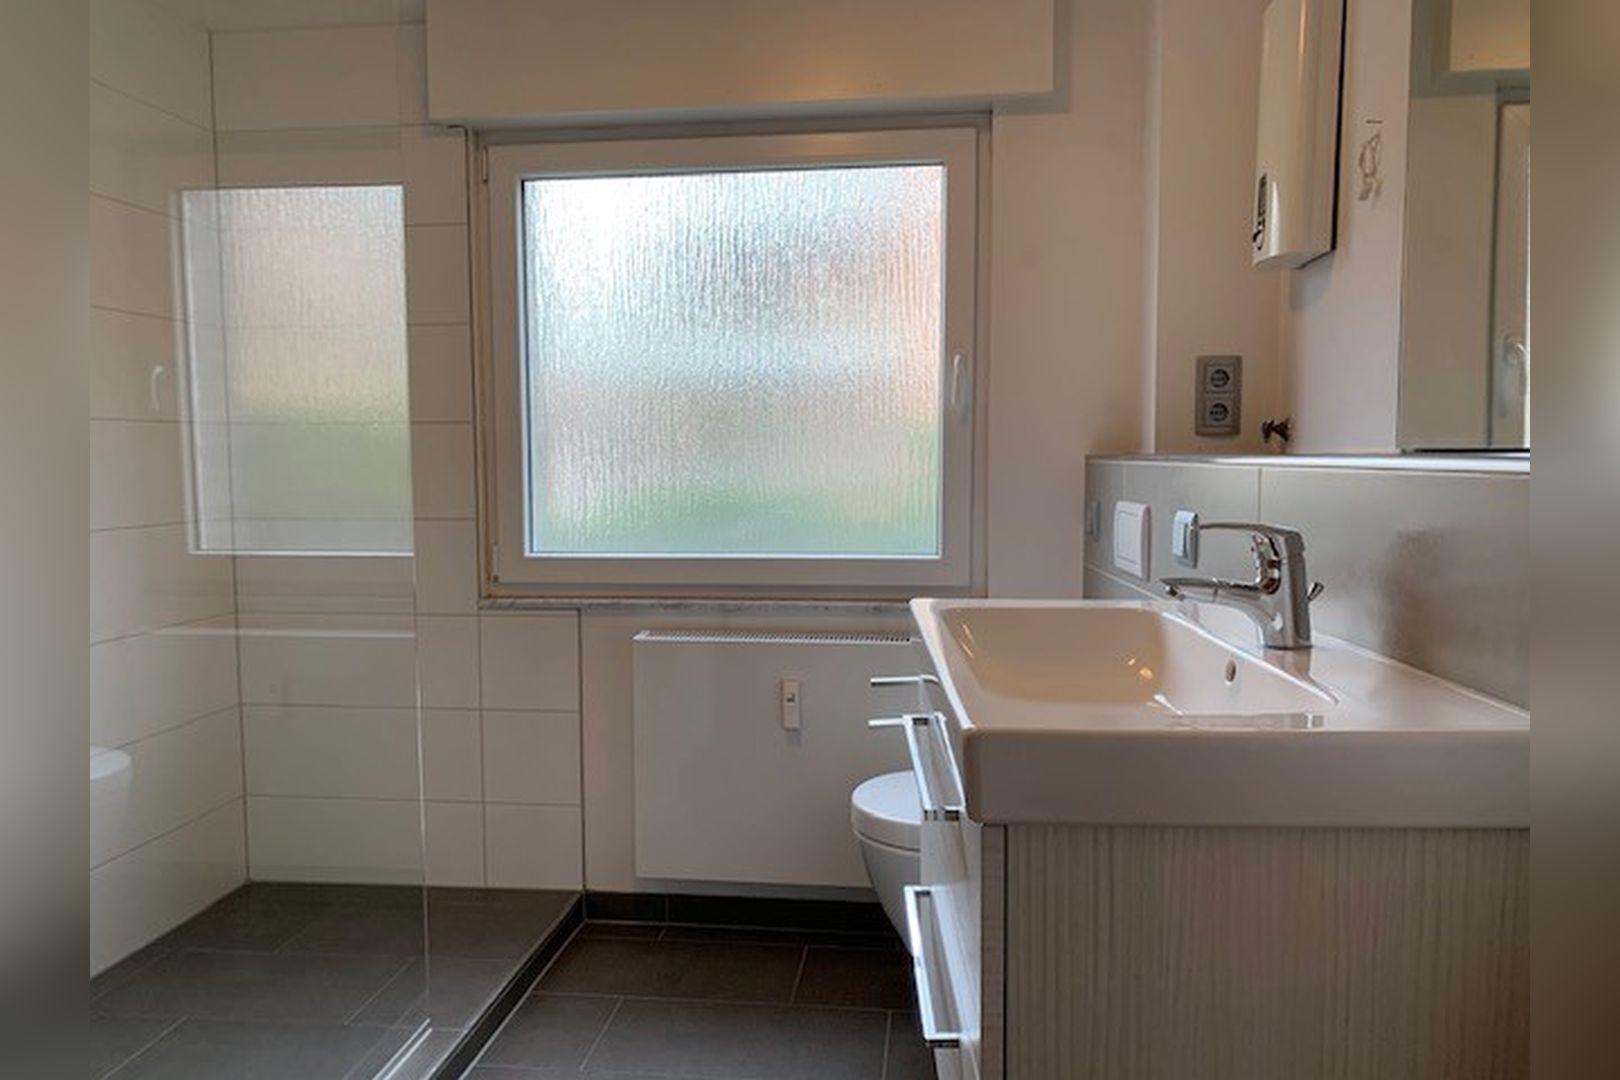 Immobilie Nr.0247 - Maisonette-Whg. über EG u. Sout. mit Loggia u. Garage  - Bild 13.jpg